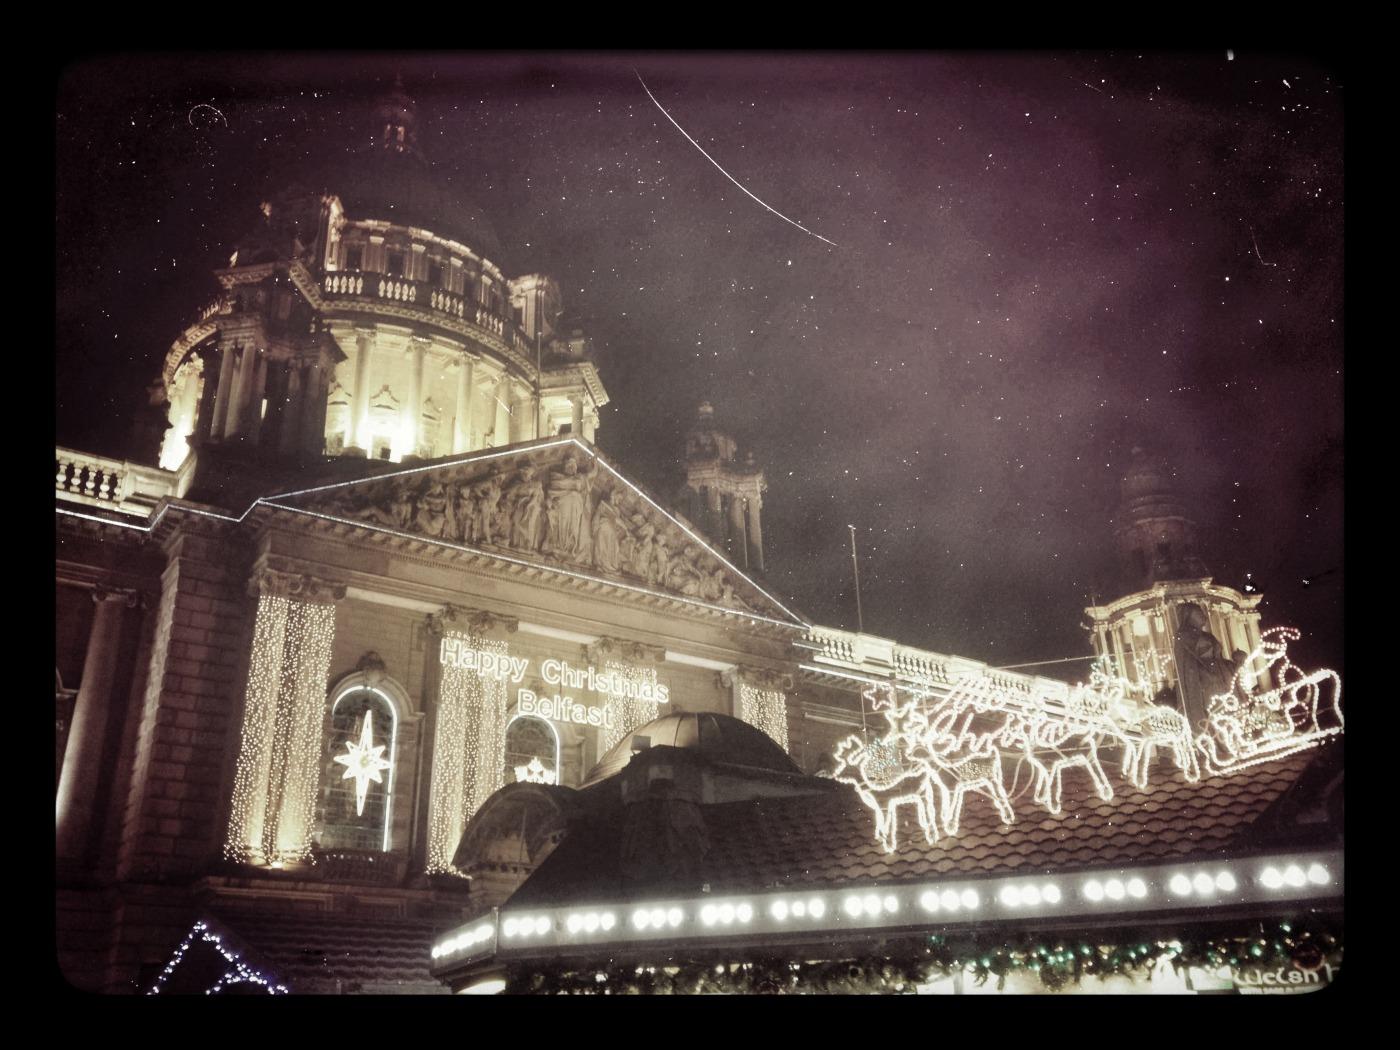 Dec 12 - Continental Market